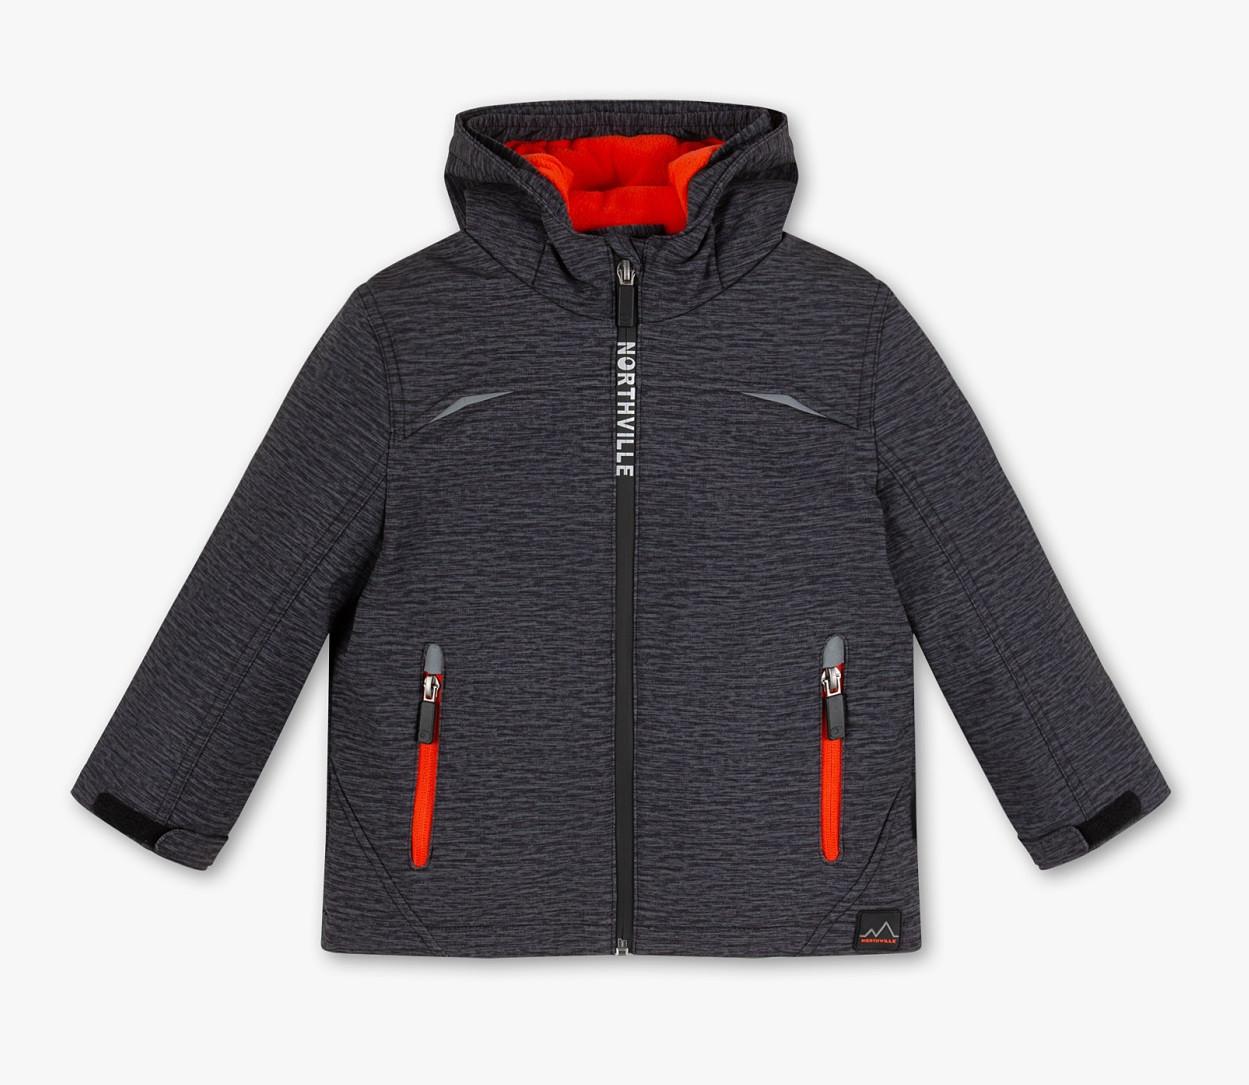 Сіра куртка софтшелл для хлопчика C&A Німеччина Розмір 122